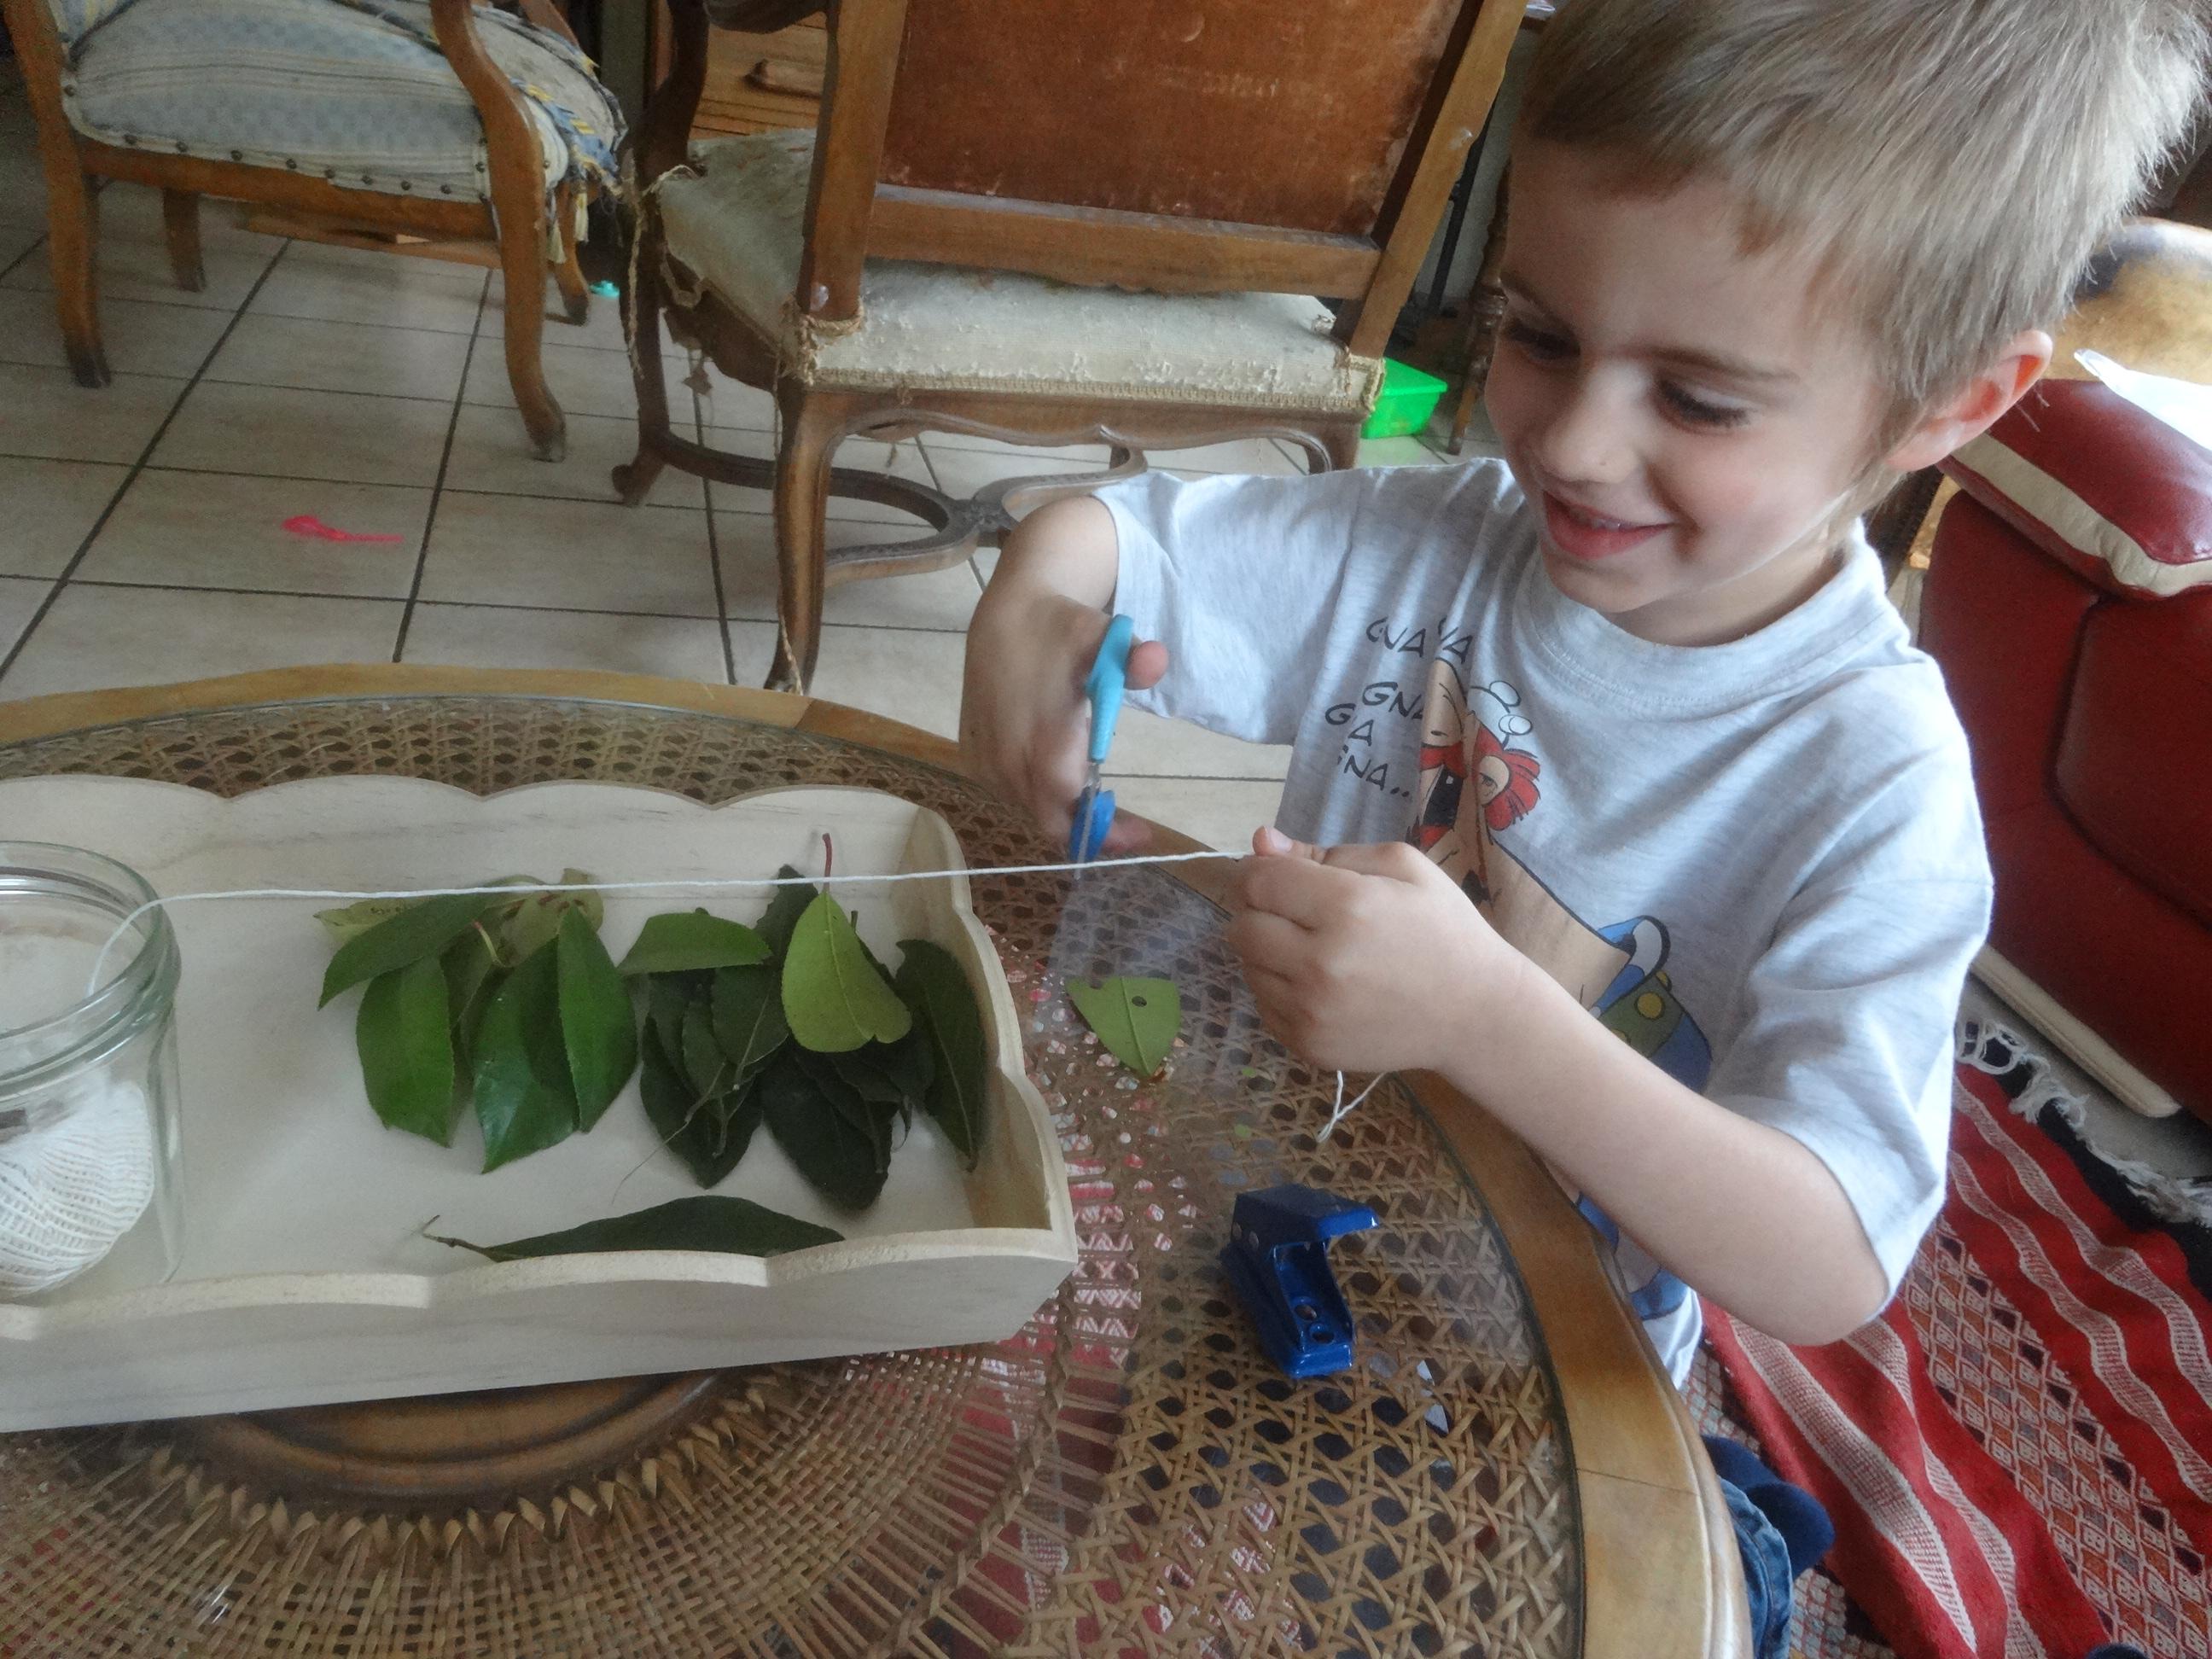 Comment Faire Des Arbres En Papier dedans feuilles d'arbre, ficelle et perforatrice | activités à la maison